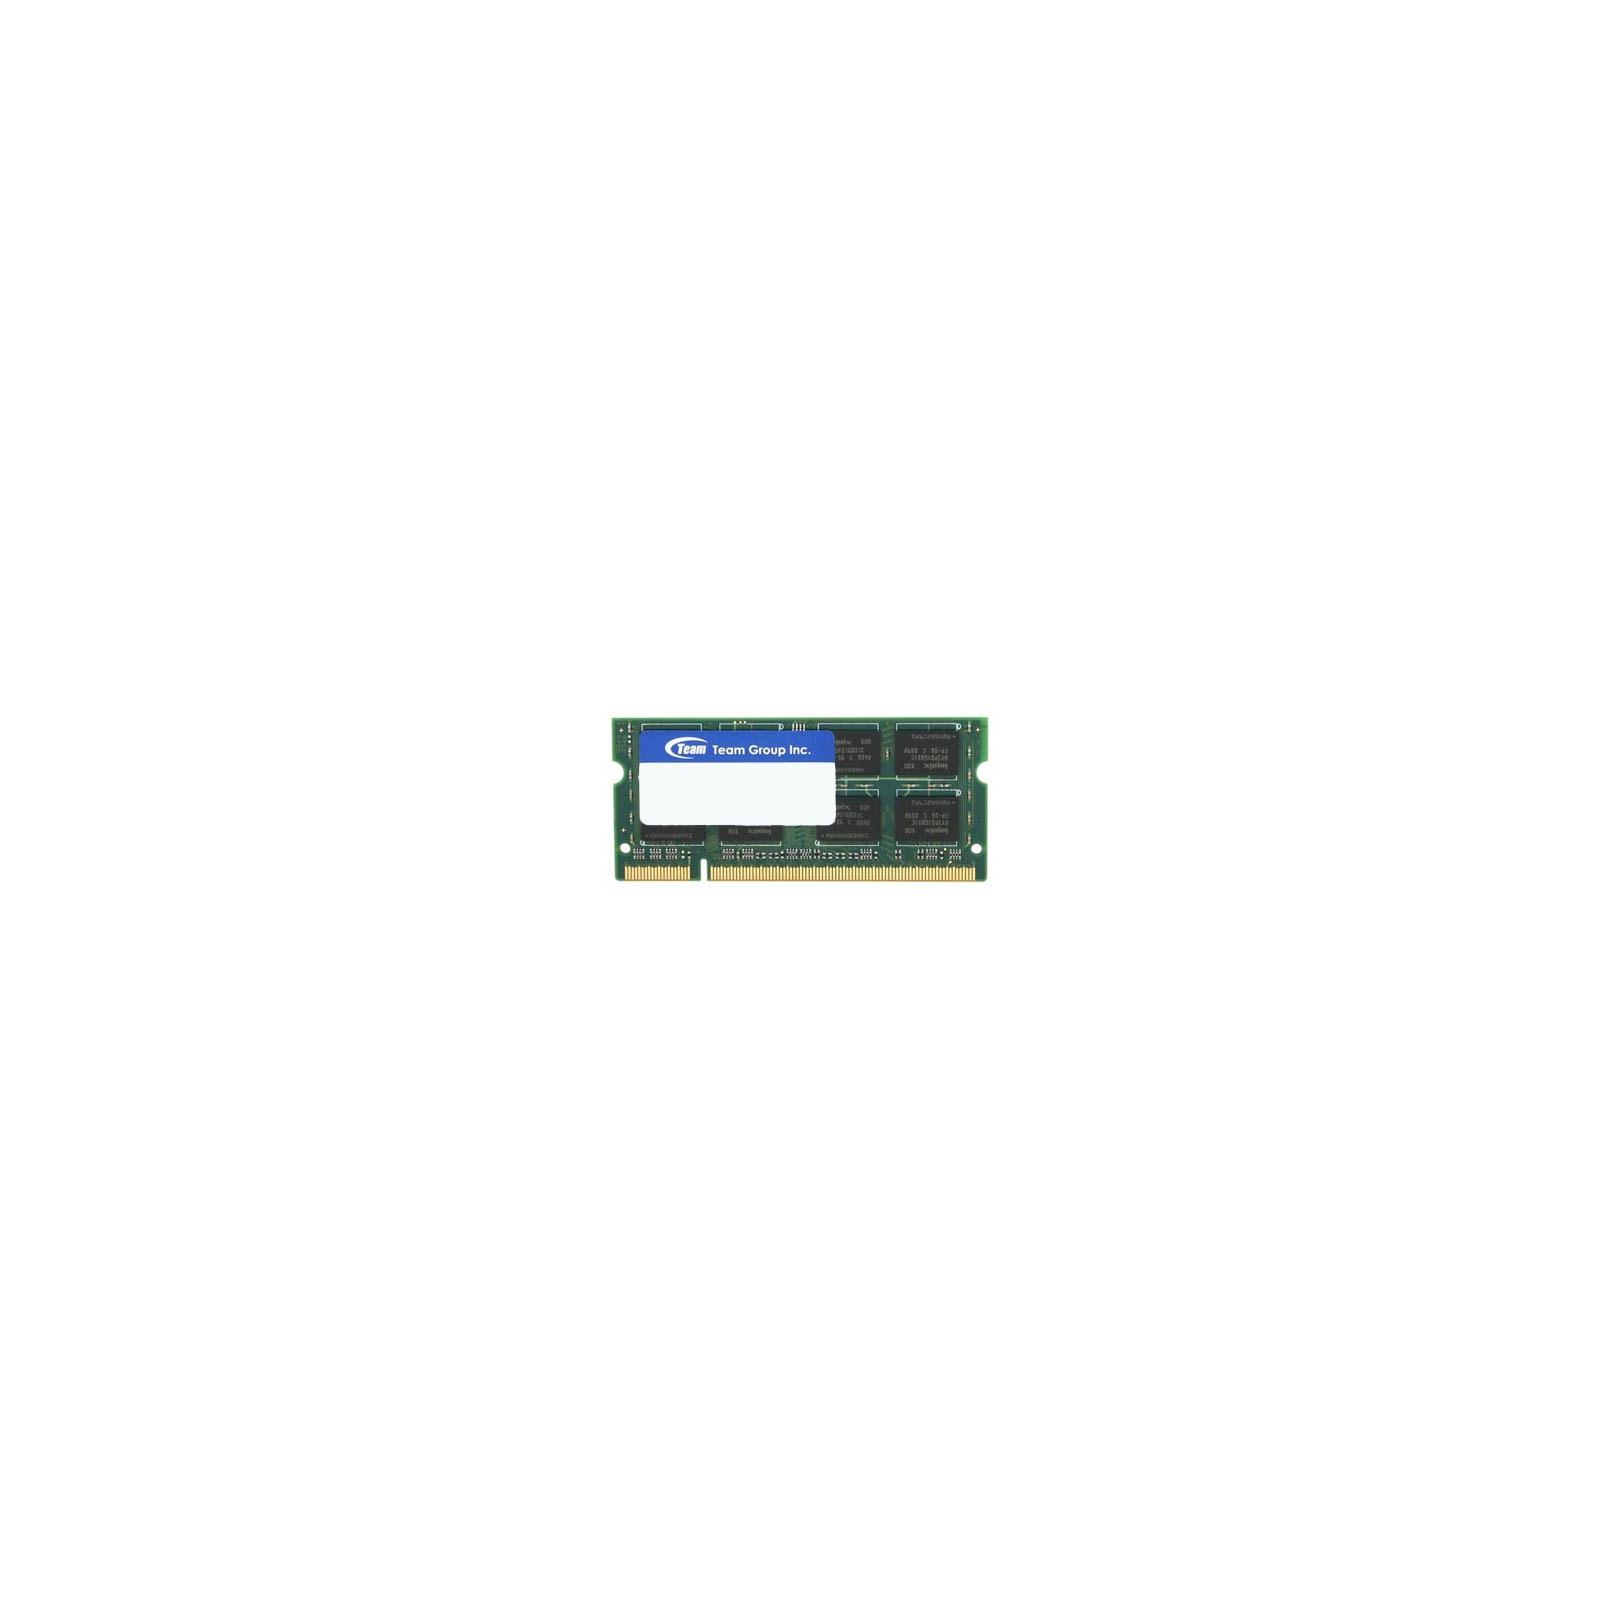 Модуль памяти для ноутбука SoDIMM DDR2 2GB 800 MHz Team (TSDD2048M800C5-E / TSDD2048M800C6-E)